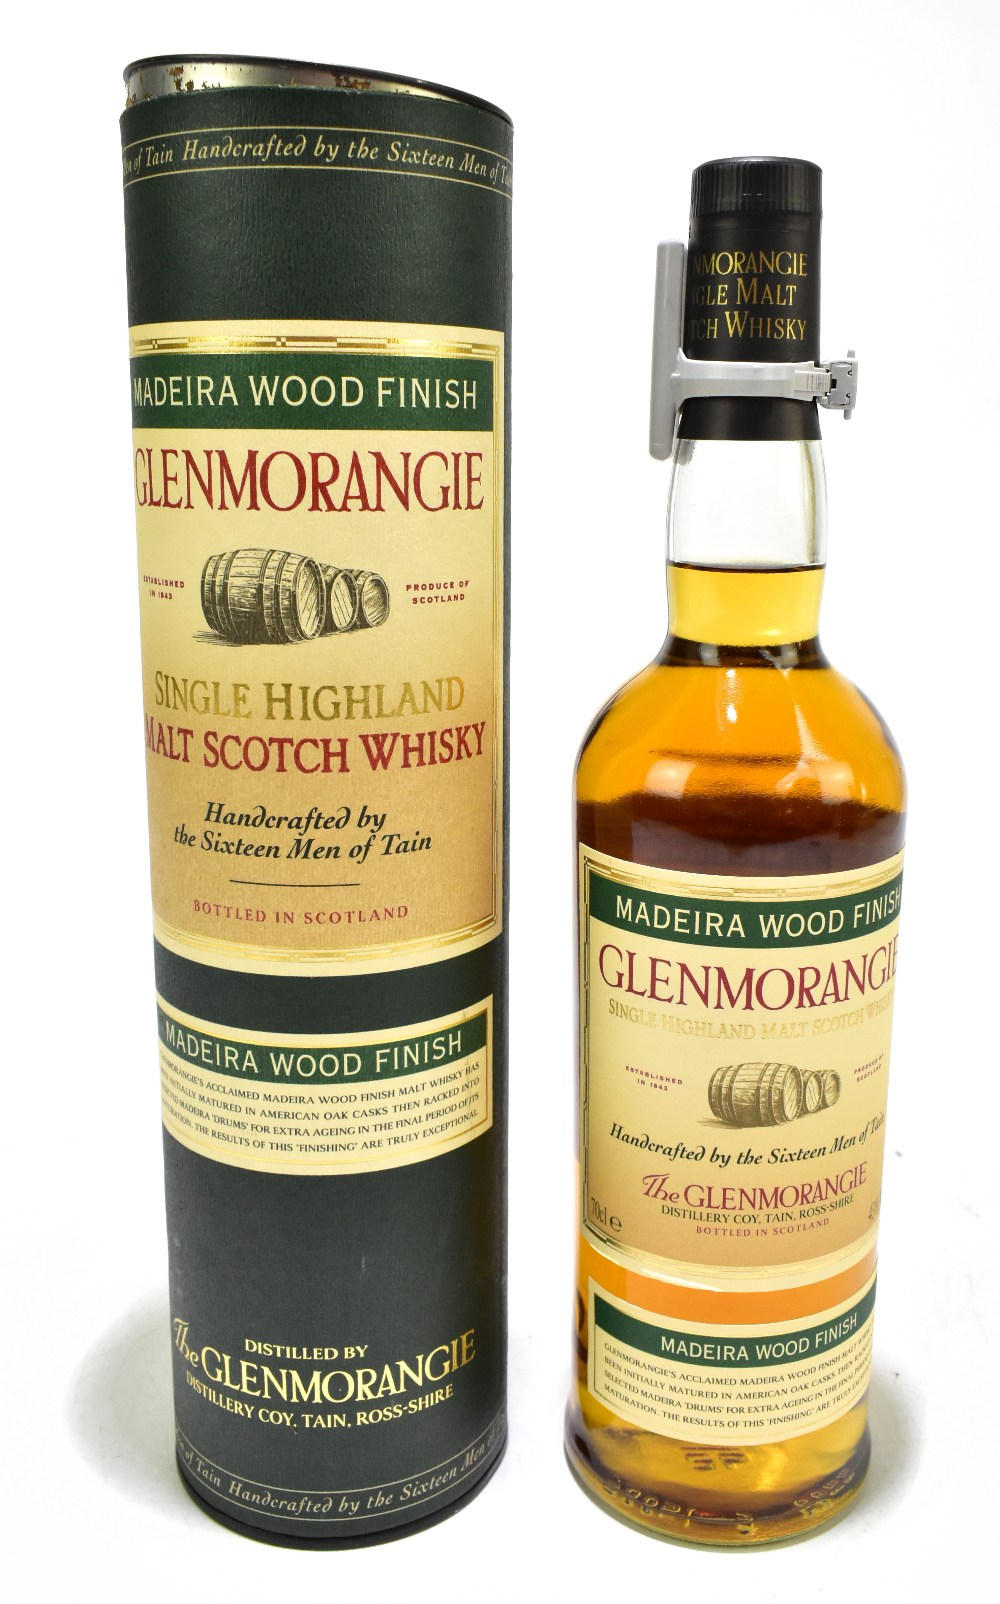 WHISKY; a single bottle of Glenmorangie Madeira Wood Finish single Highland malt Scotch whisky,